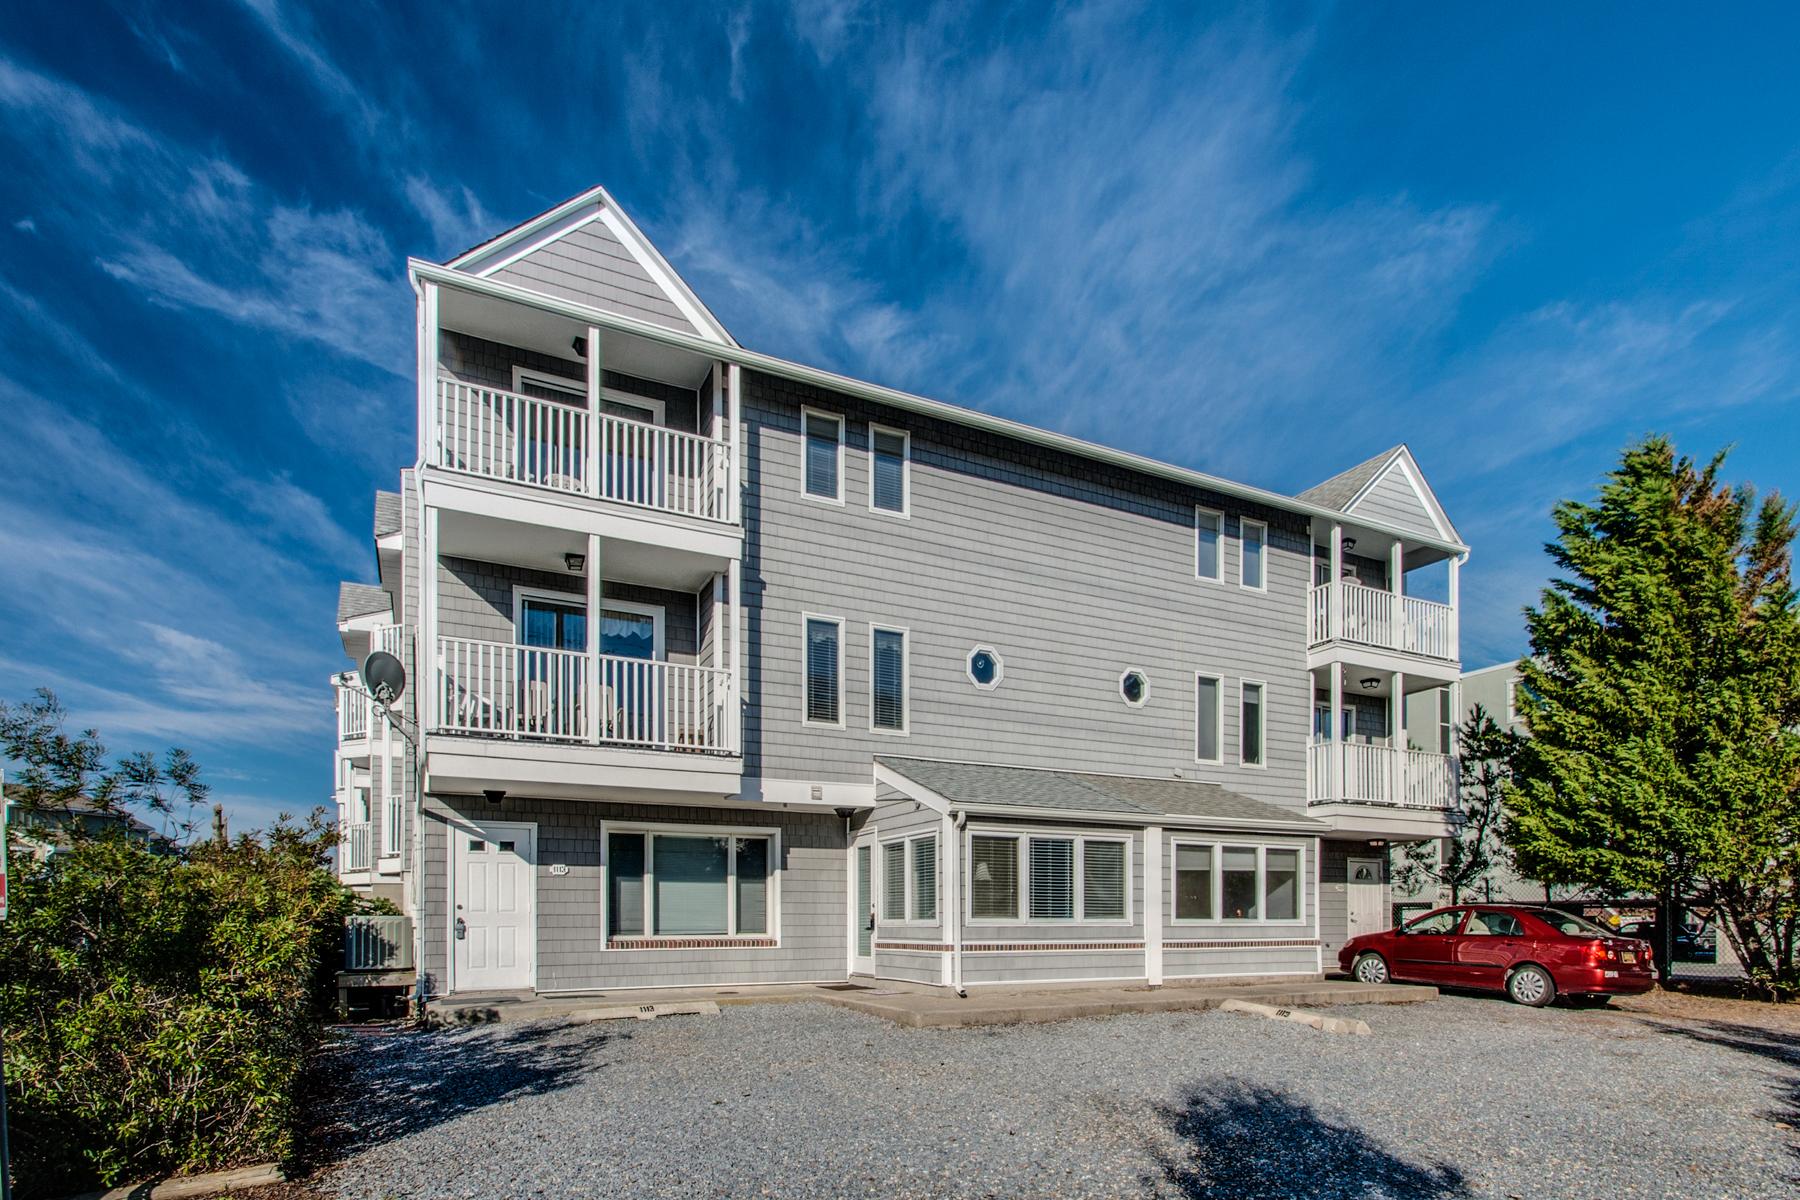 Property For Sale at 1113 Coastal Highway , Dewey Beach, DE 19971